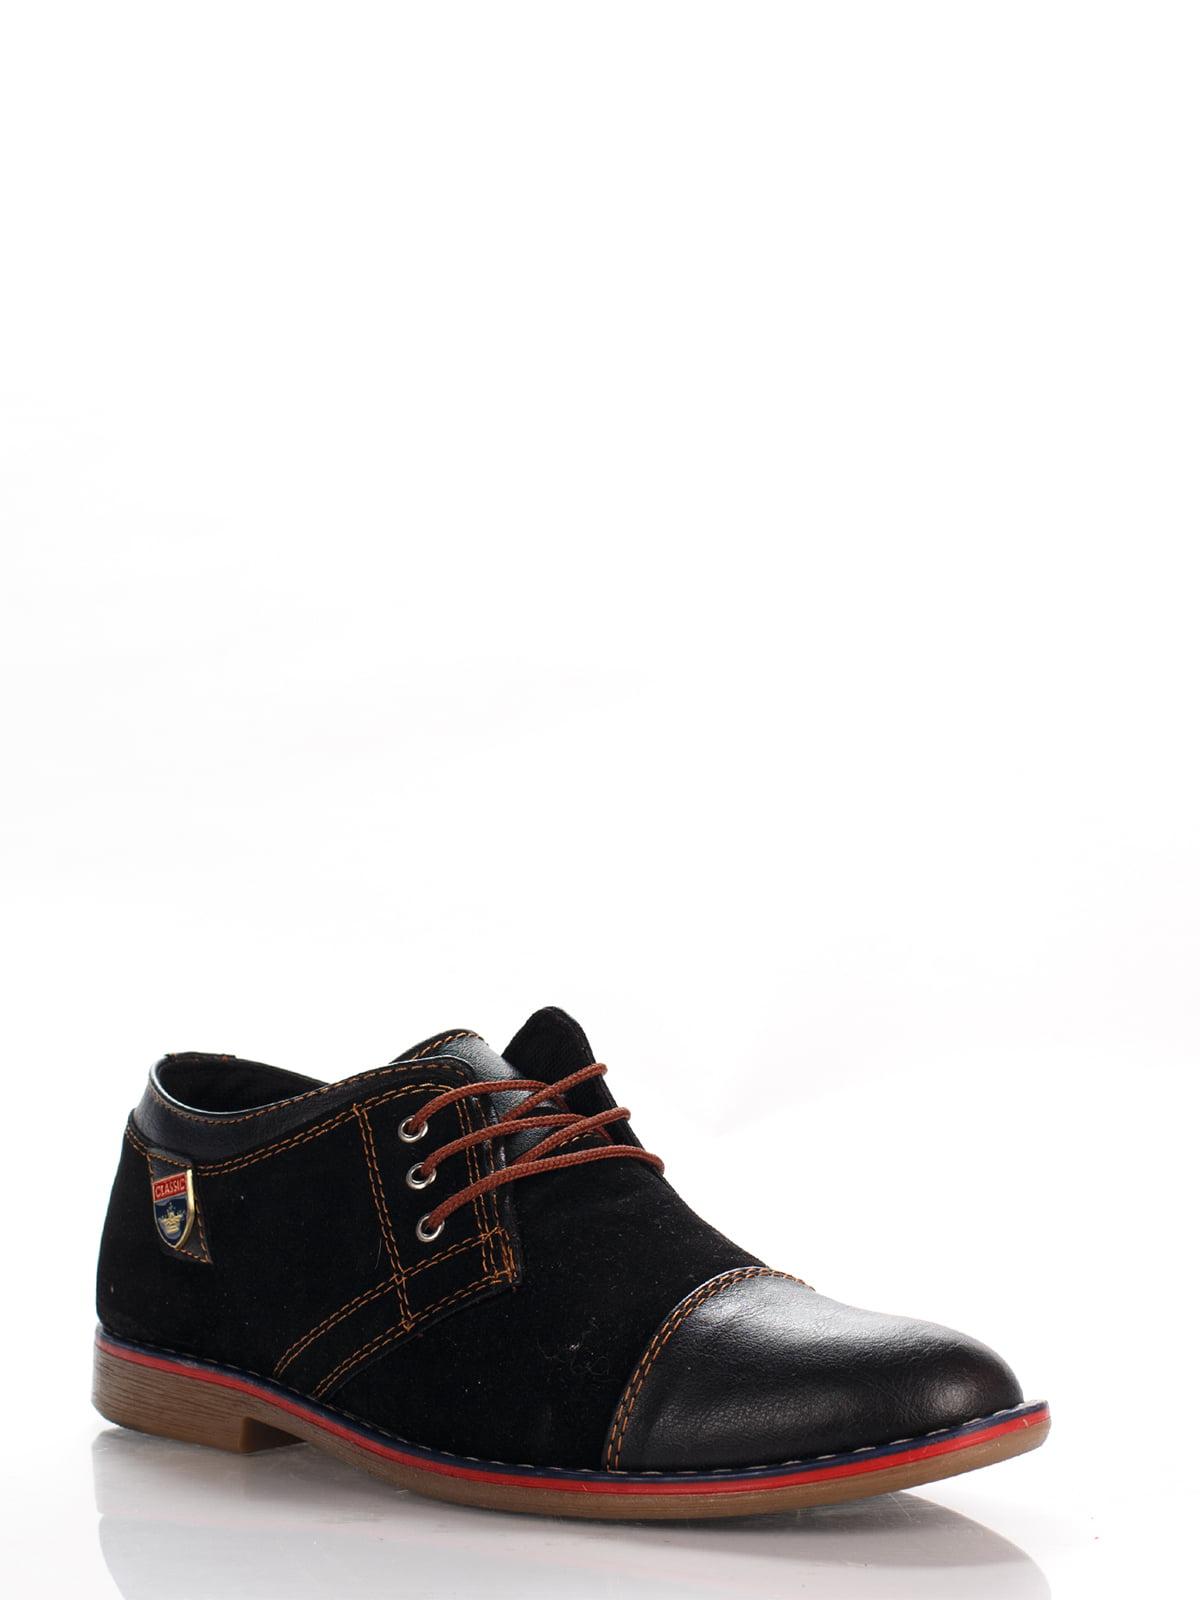 Туфли темно-коричневые   3483404   фото 2